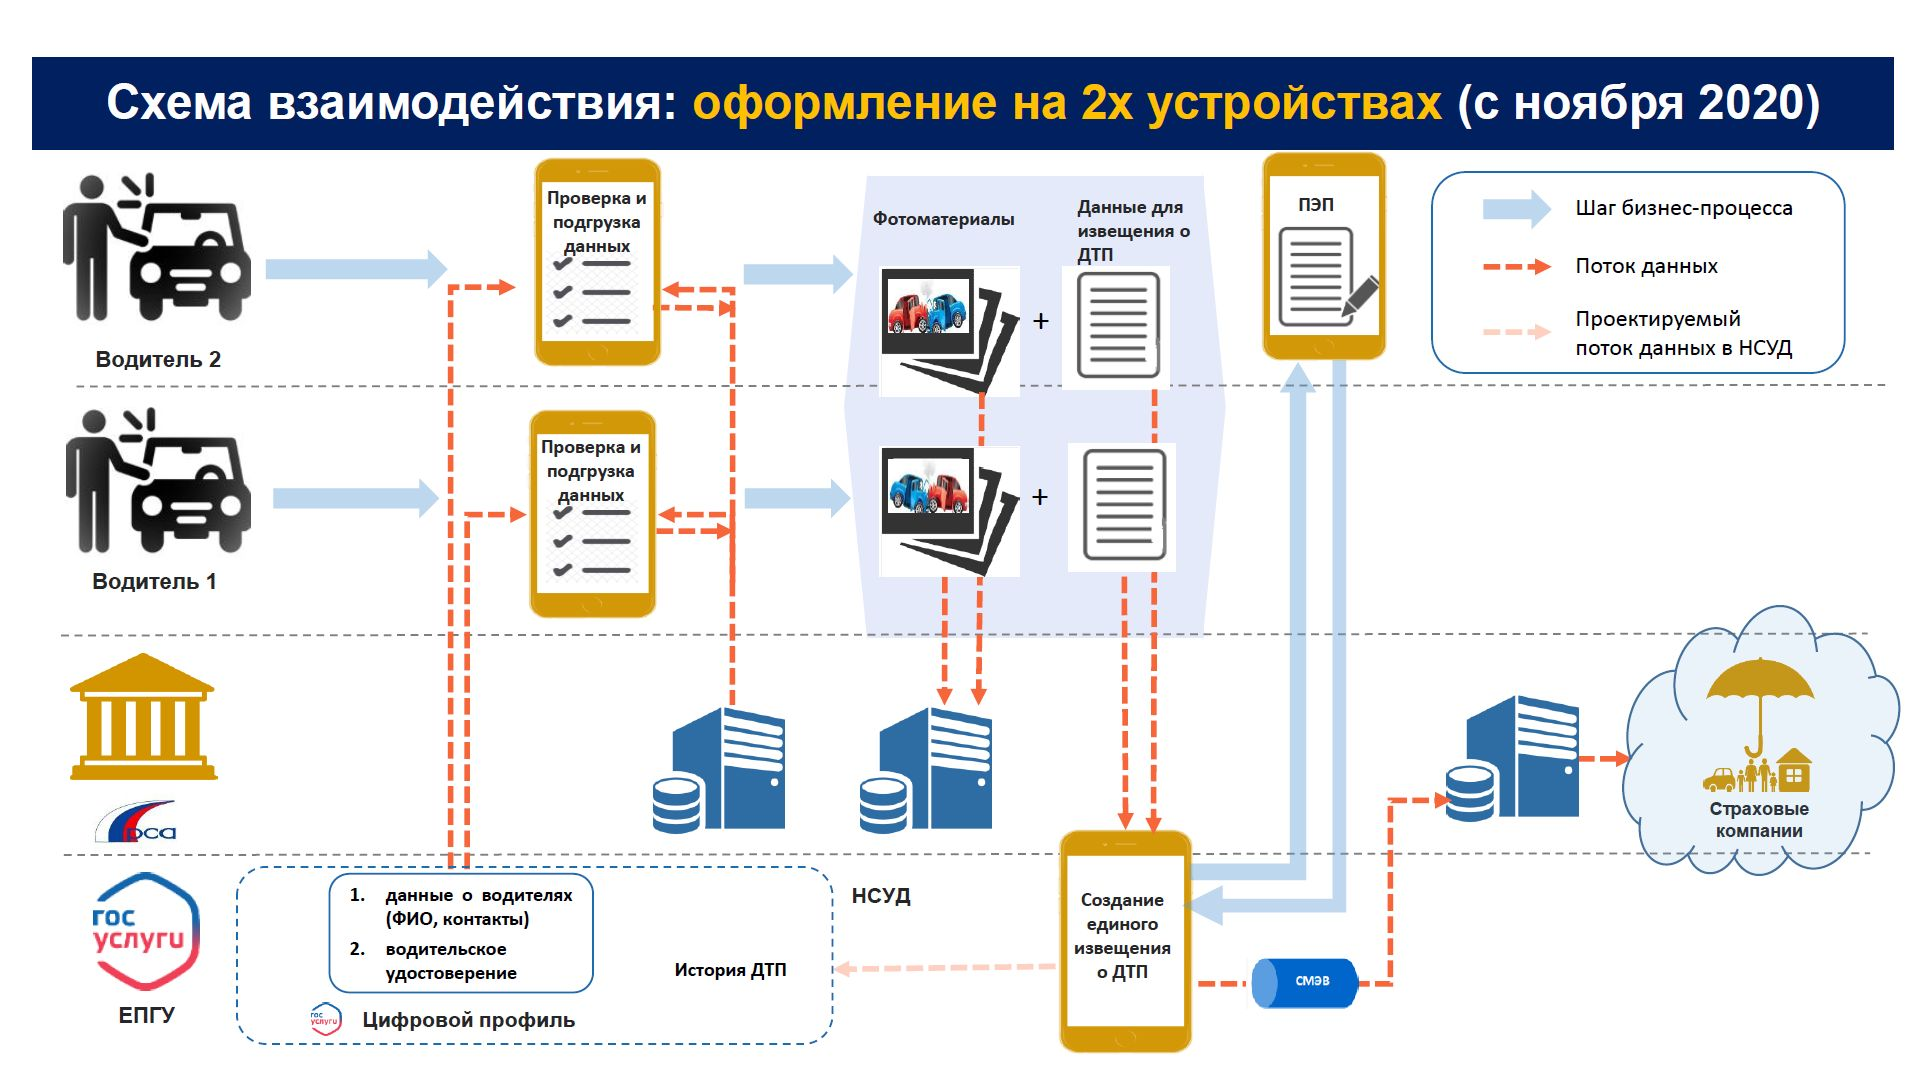 Инструкция по заполнению европротокола при аварии через портал Госуслуг